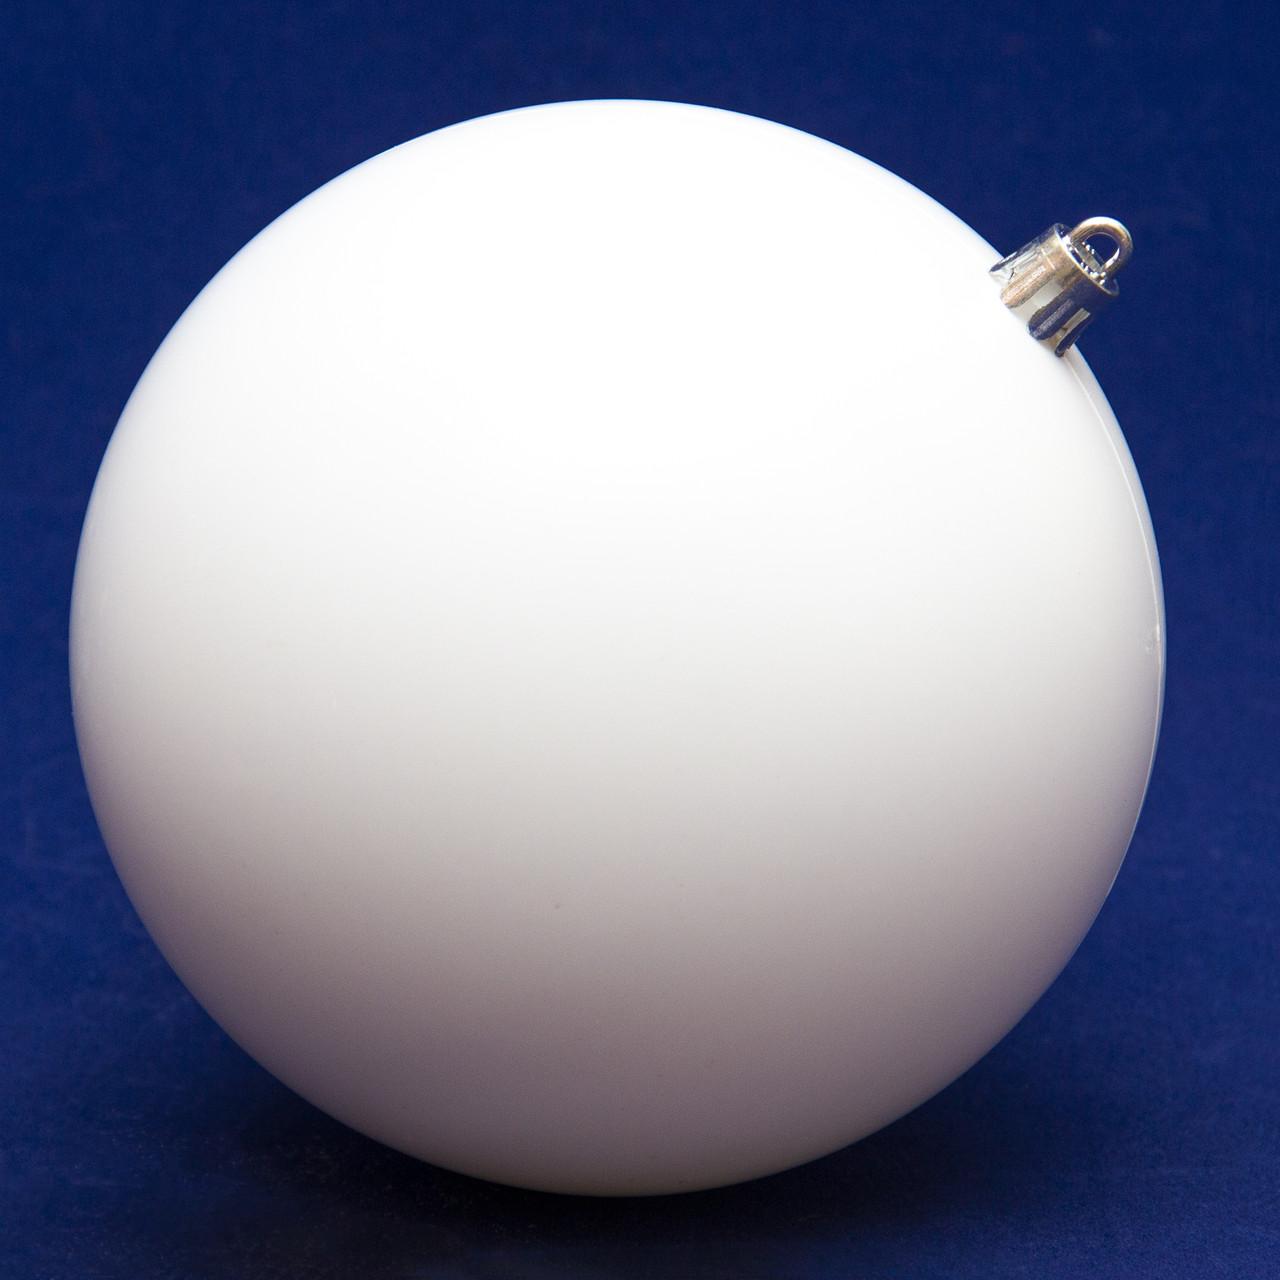 Елочный шар пластиковый матовый d-12см, белый (891336)